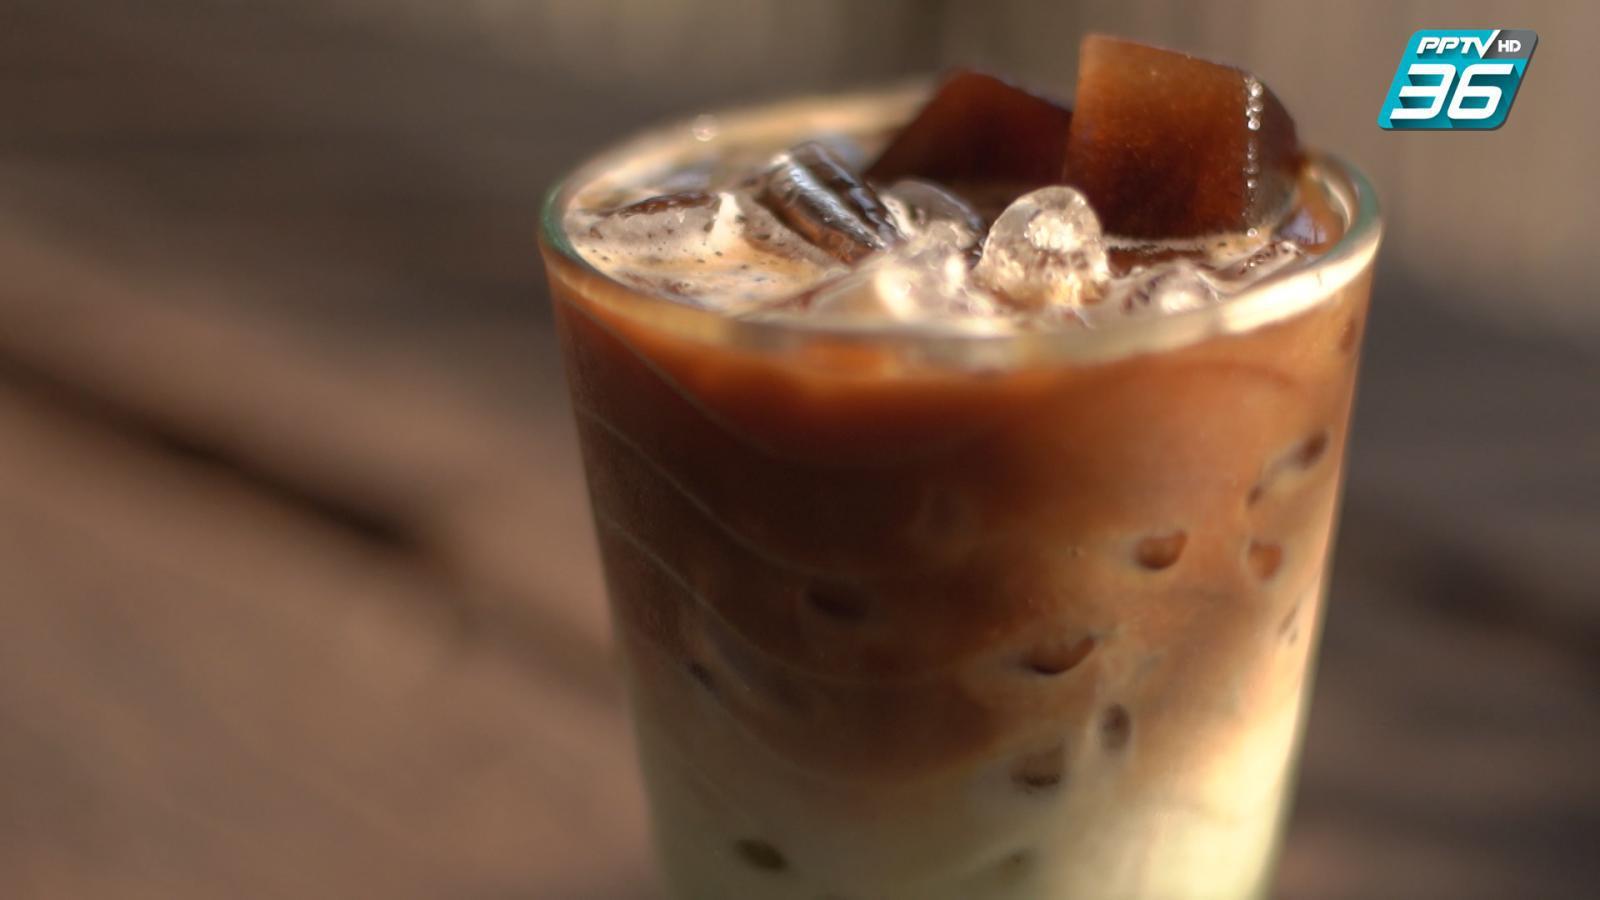 ดูเพลินๆ | กาแฟหลายรสของคนหลายใจ | เที่ยวให้สุด สมุดโคจร EP.30